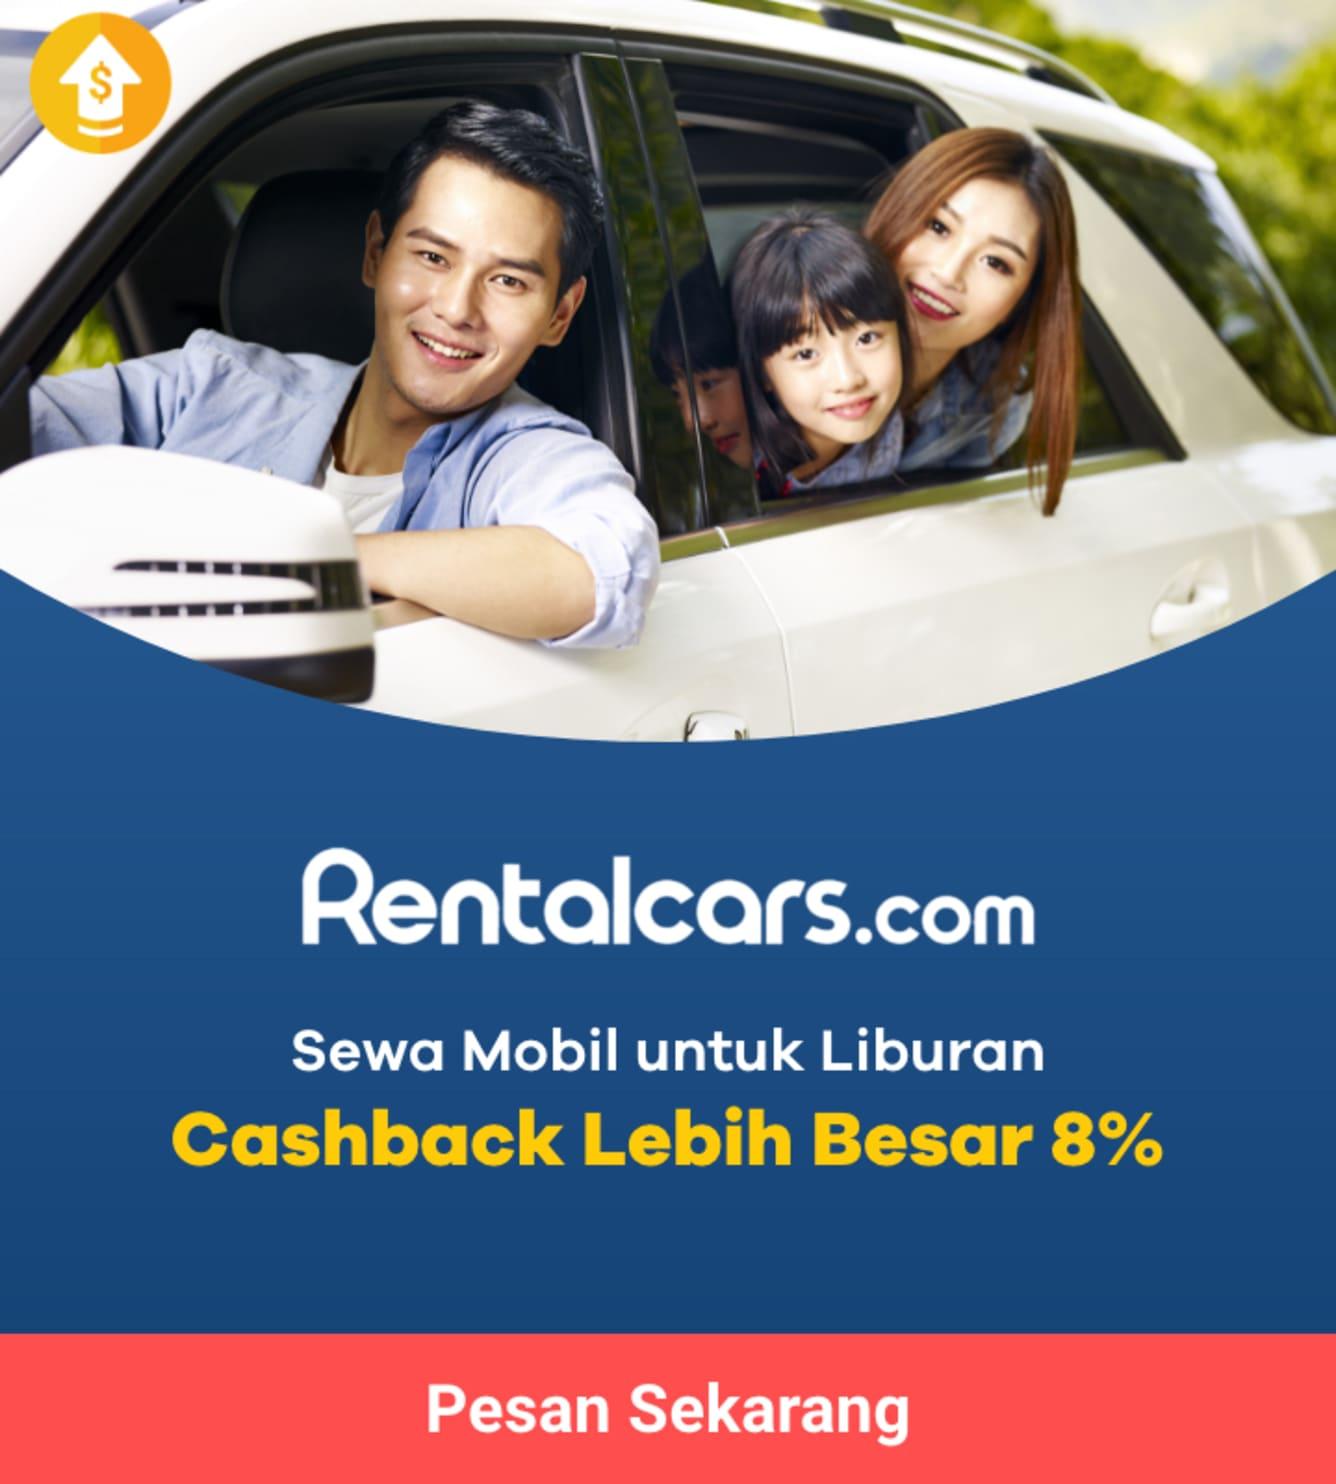 Week 8 - Promo Rentalcars